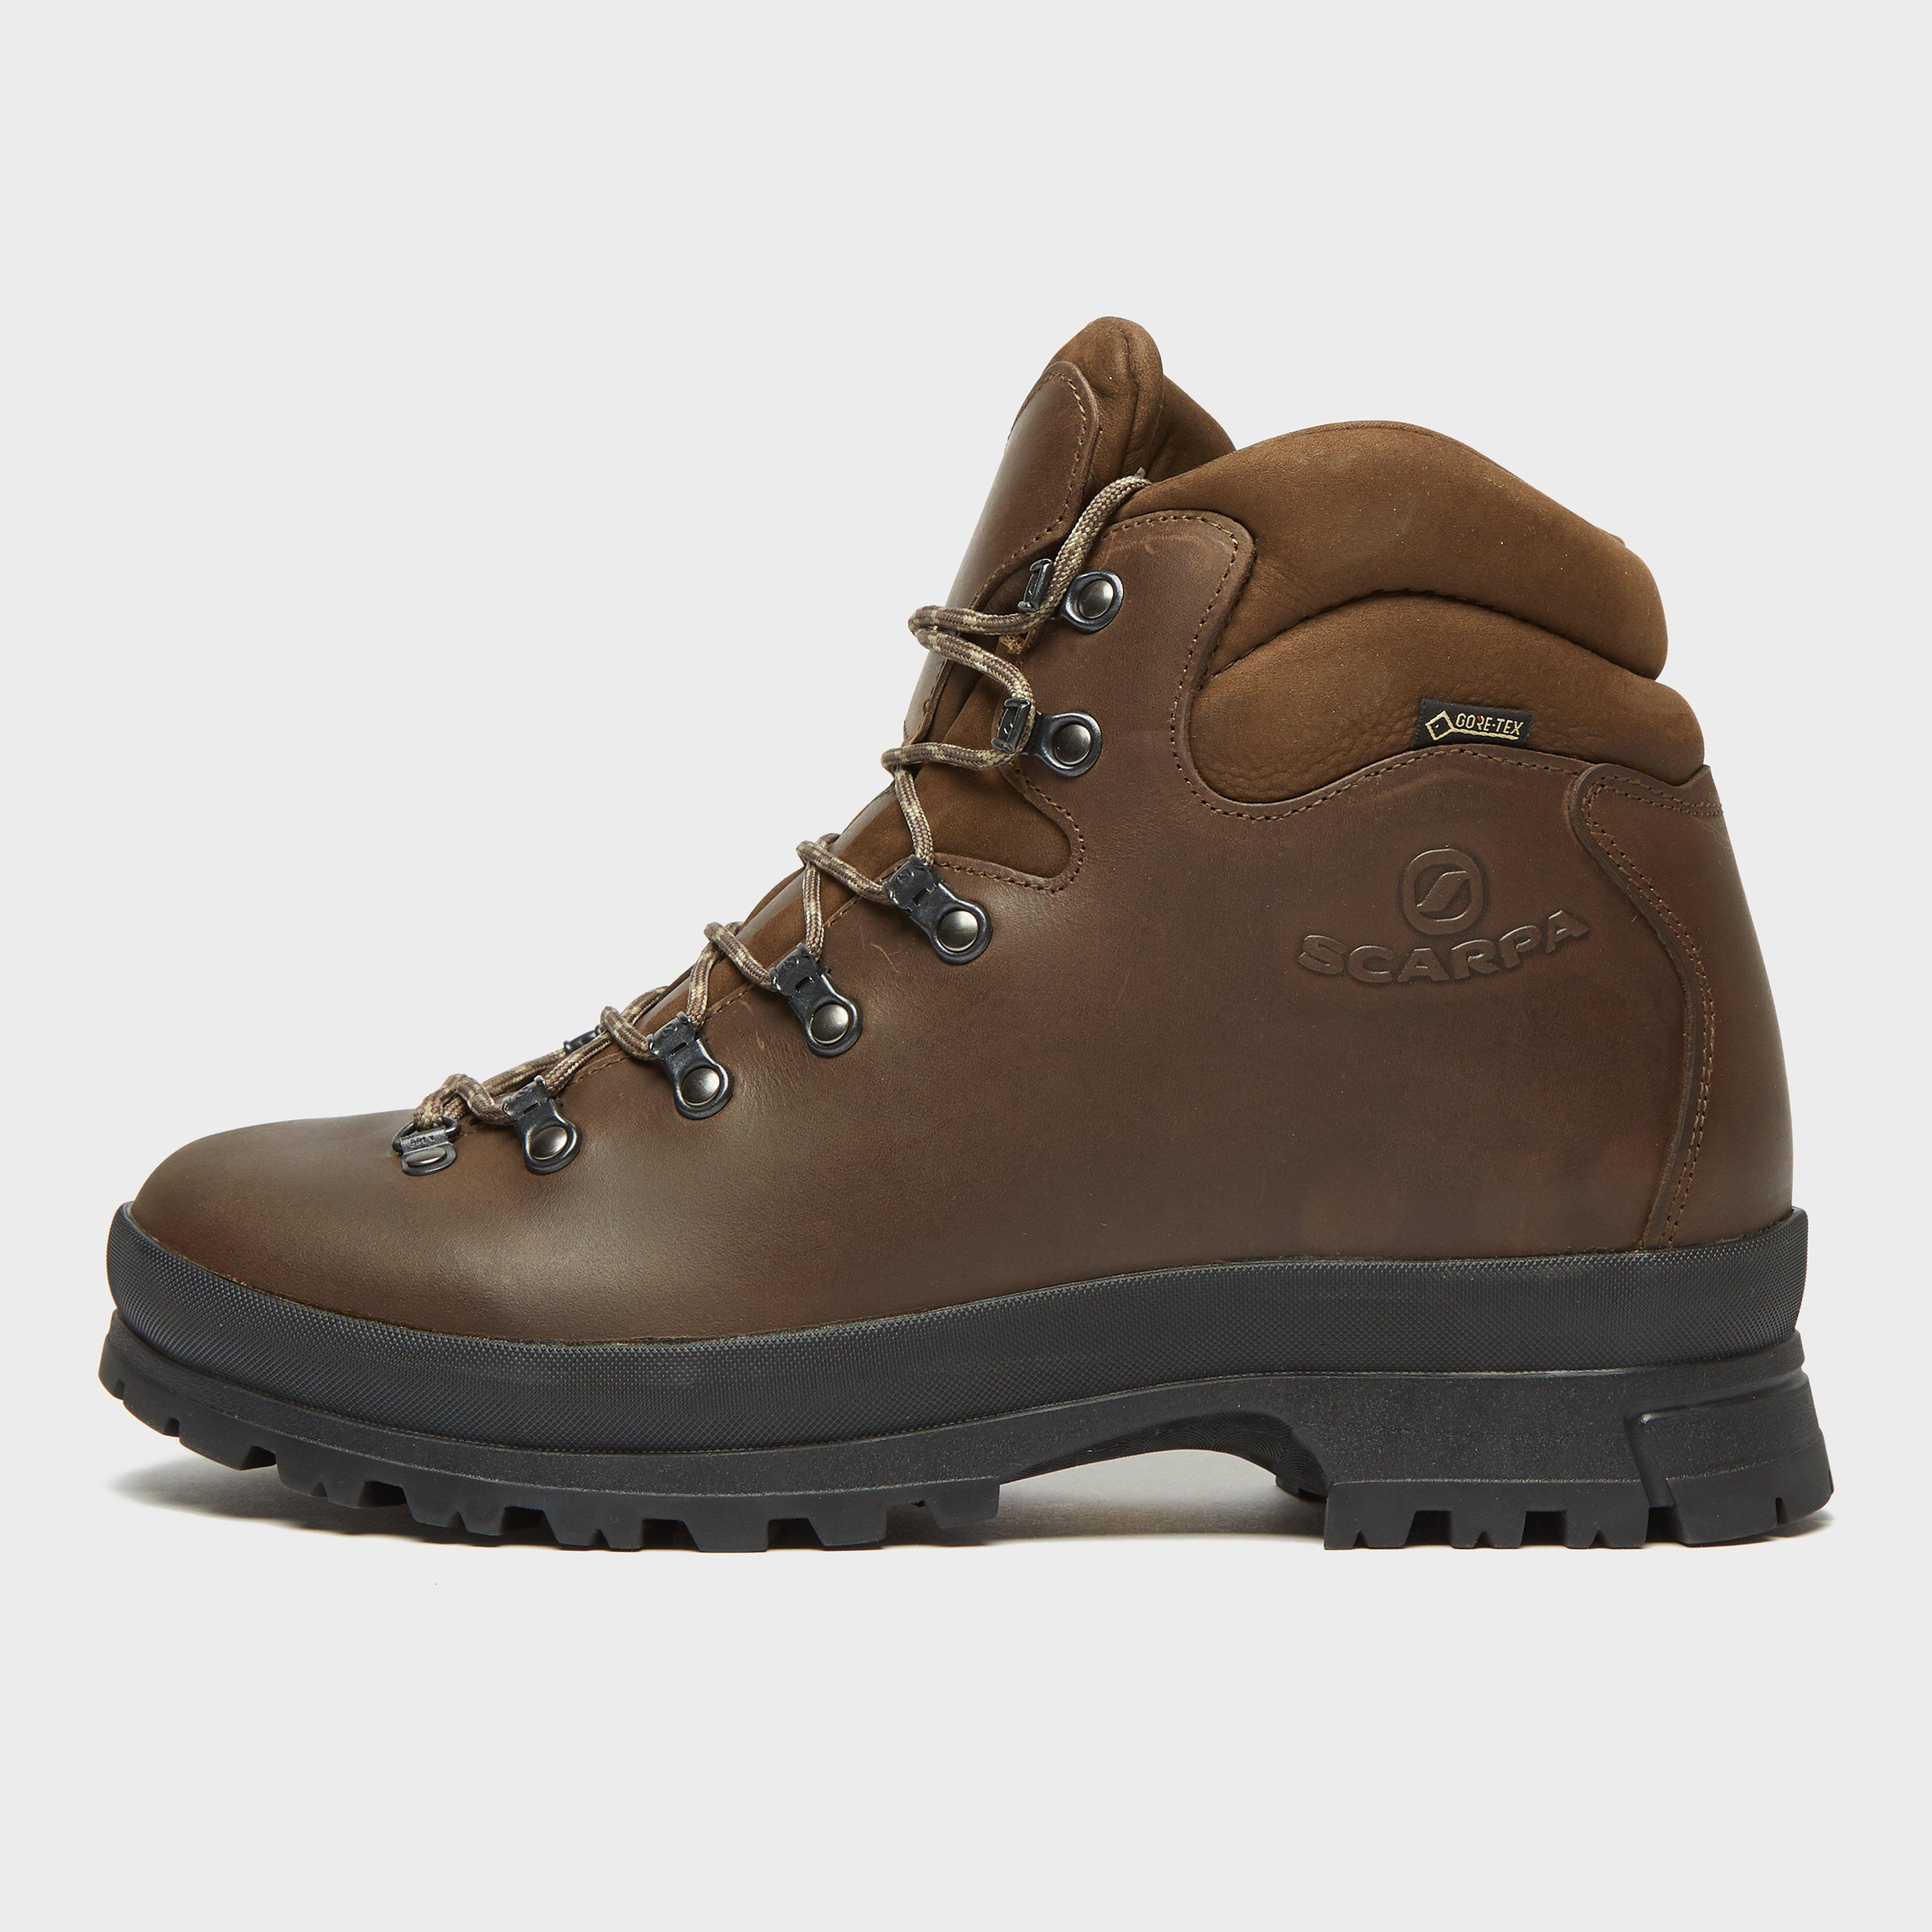 SCARPA Men's Ranger II Active GORE-TEX® Walking Boots